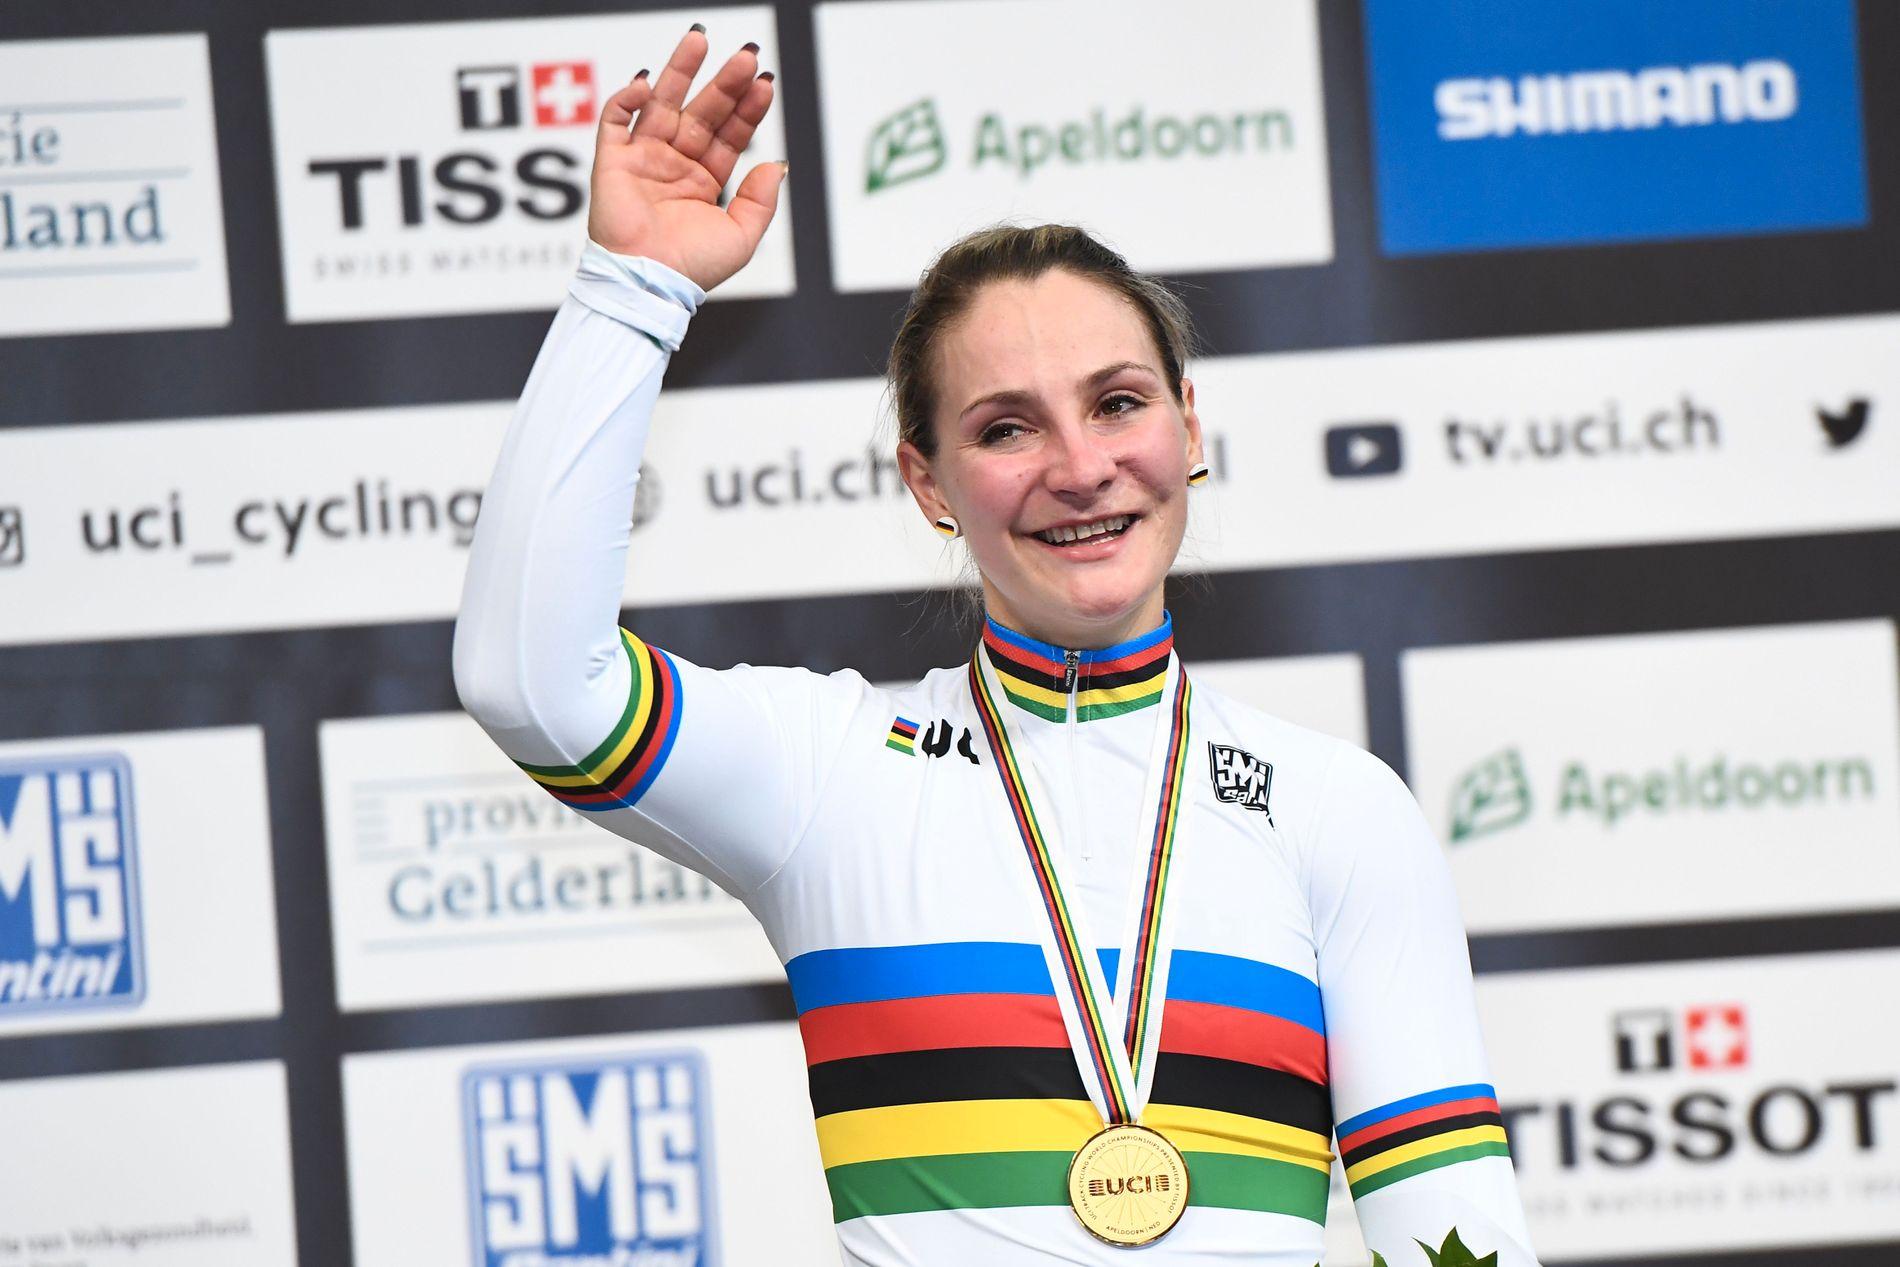 SISTE GULL: Kristina Vogel ble verdensmester i banesykling i mars i år (bildet). I juni krasjet tyskeren med en annen syklist og ble lam.